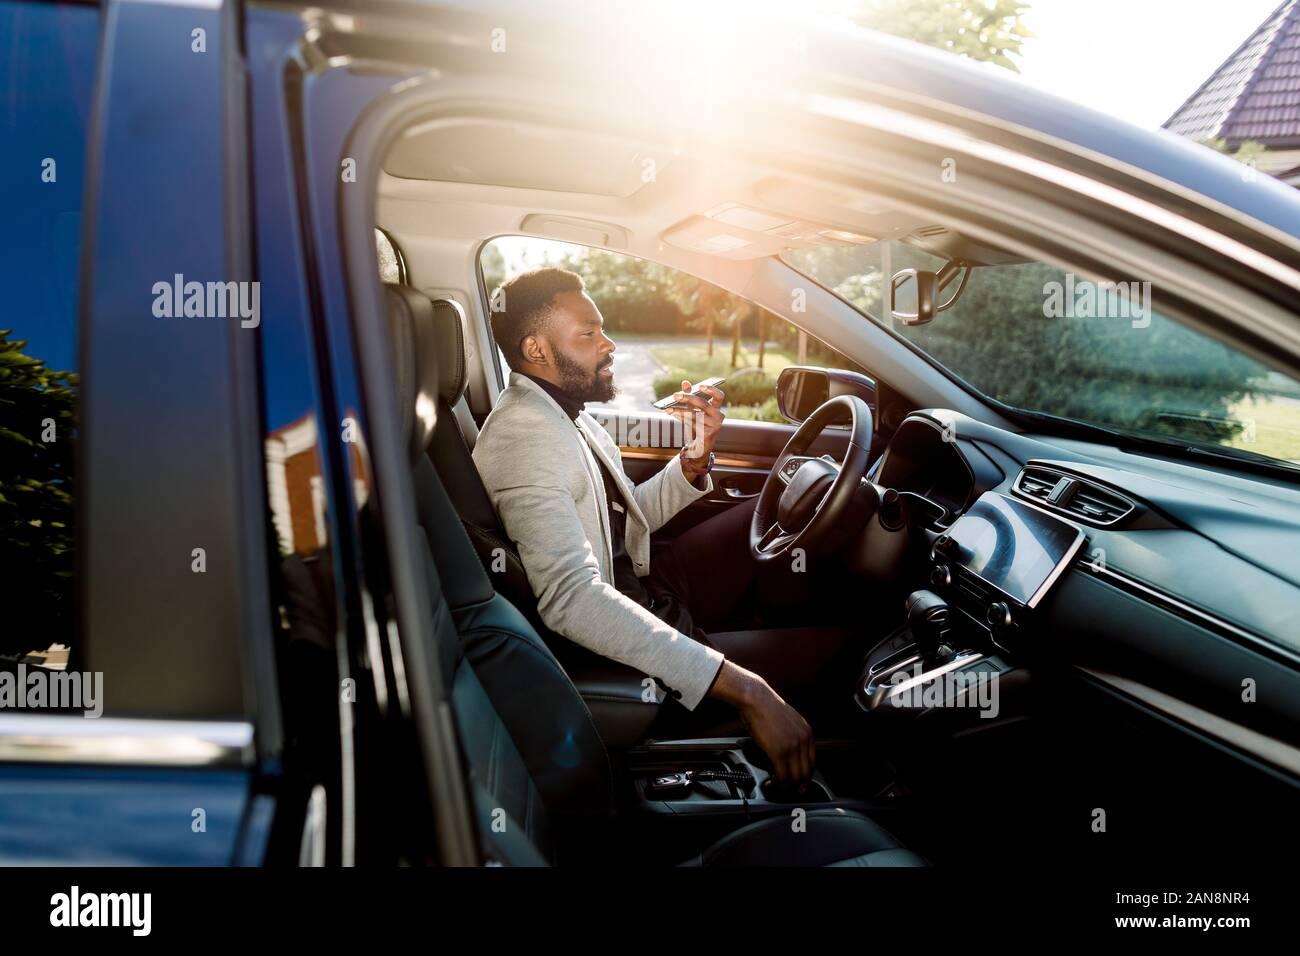 Young handsome African businessman using mobile phone, parlant sur le haut-parleur, tout en étant assis à l'intérieur d'une voiture de luxe Banque D'Images